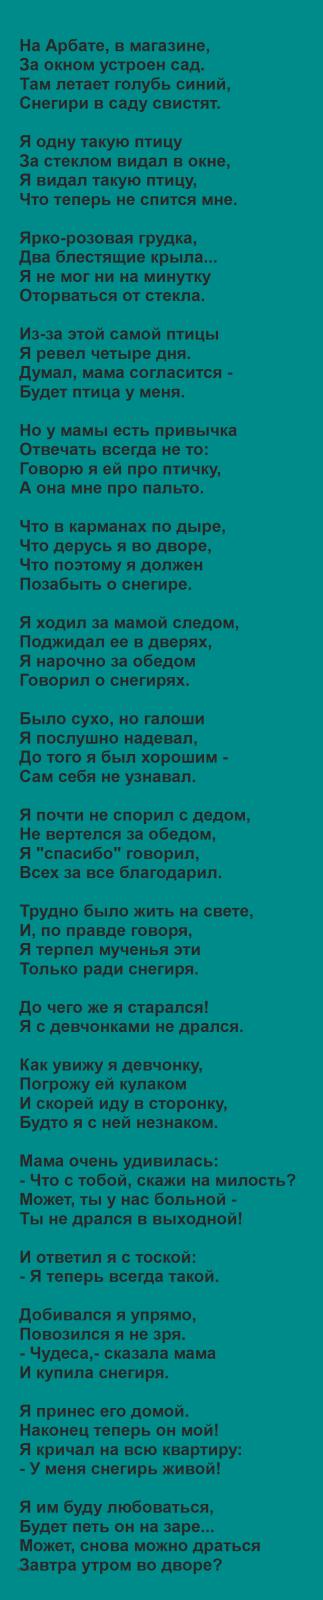 Барто стихи для школьников - Снегирь